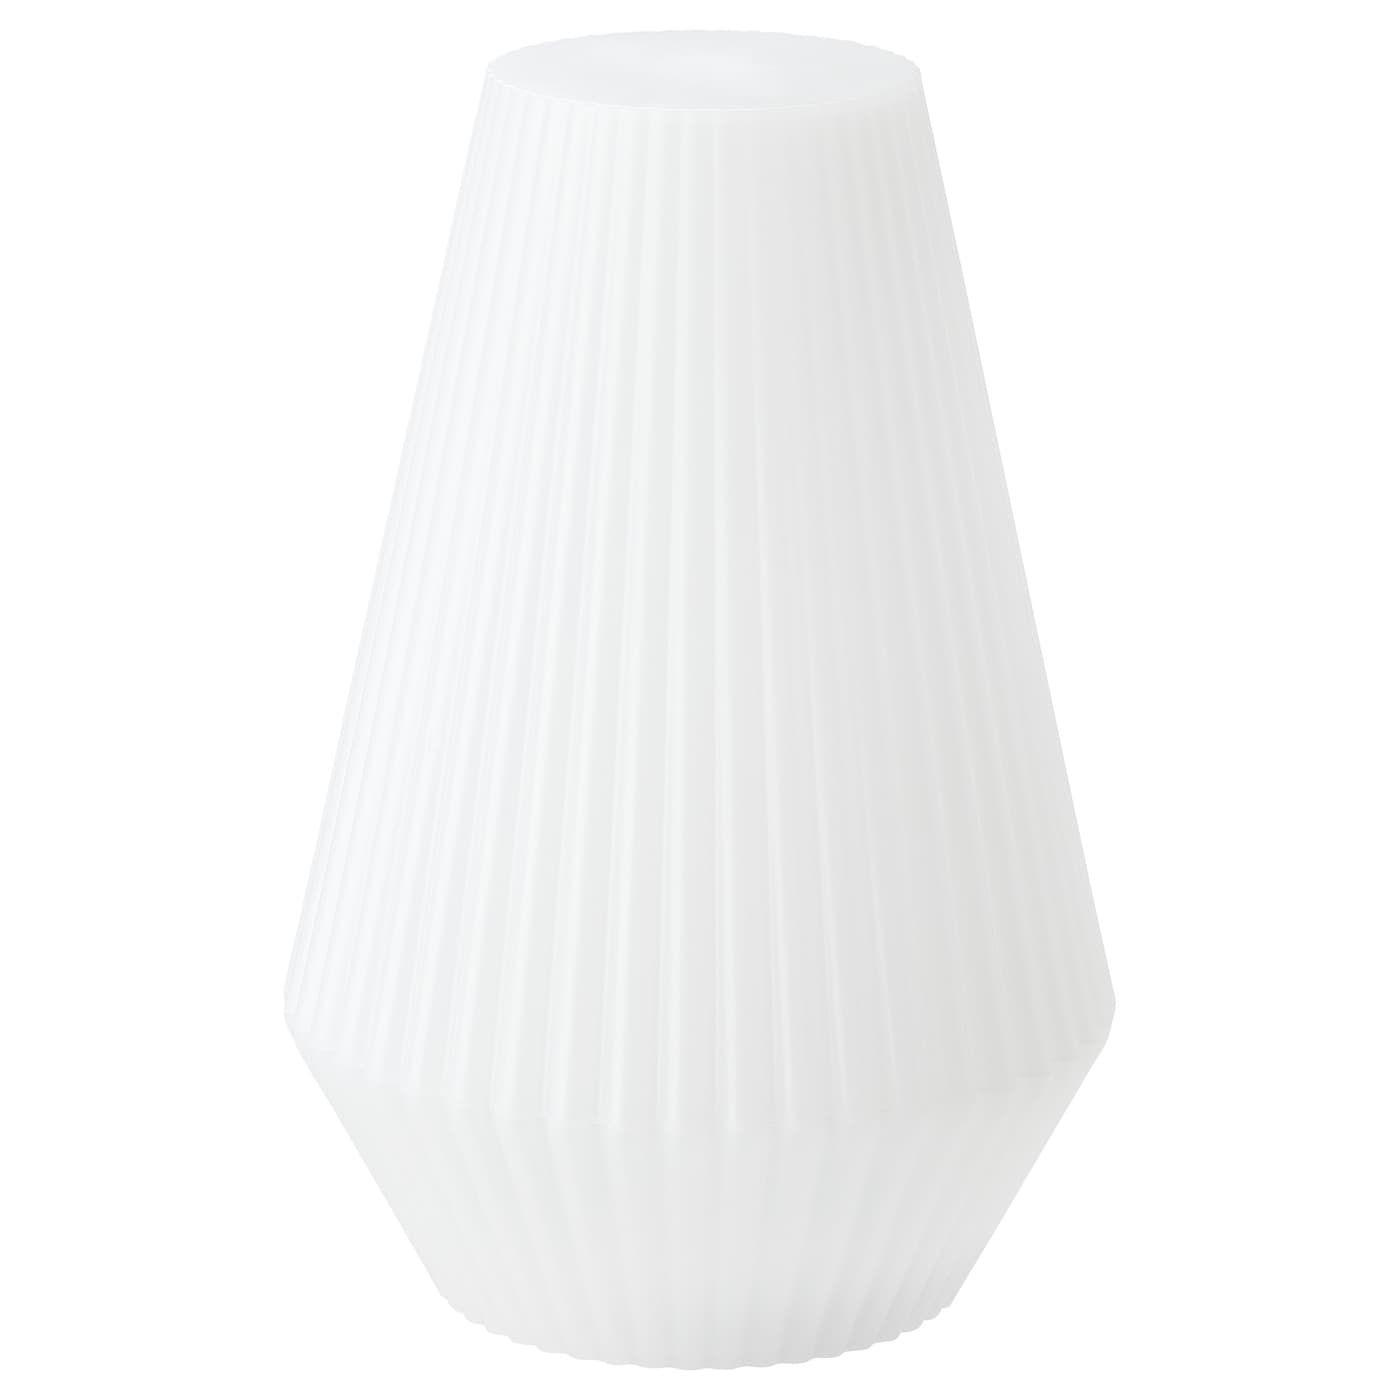 Solar Powered Indoor Floor Lamp